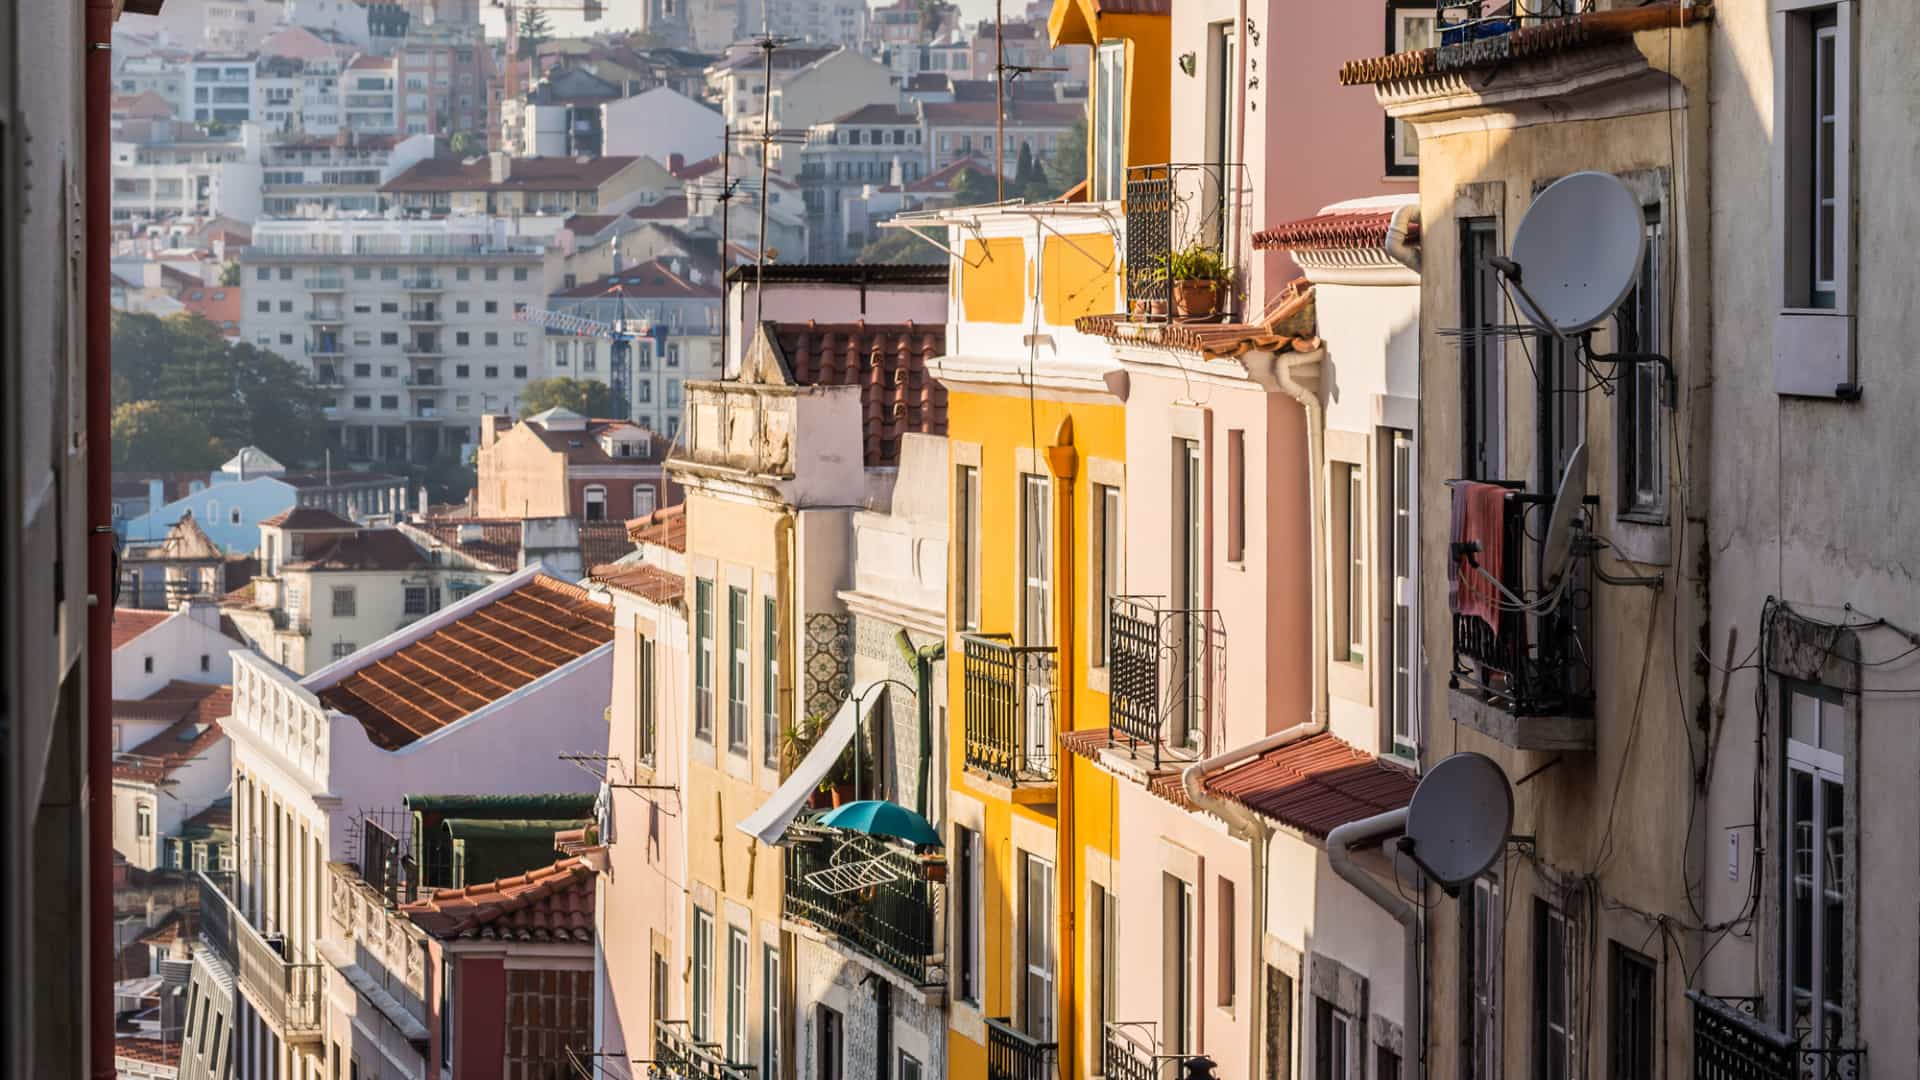 Preço das casas em Portugal mais próximo dos níveis antes da crise